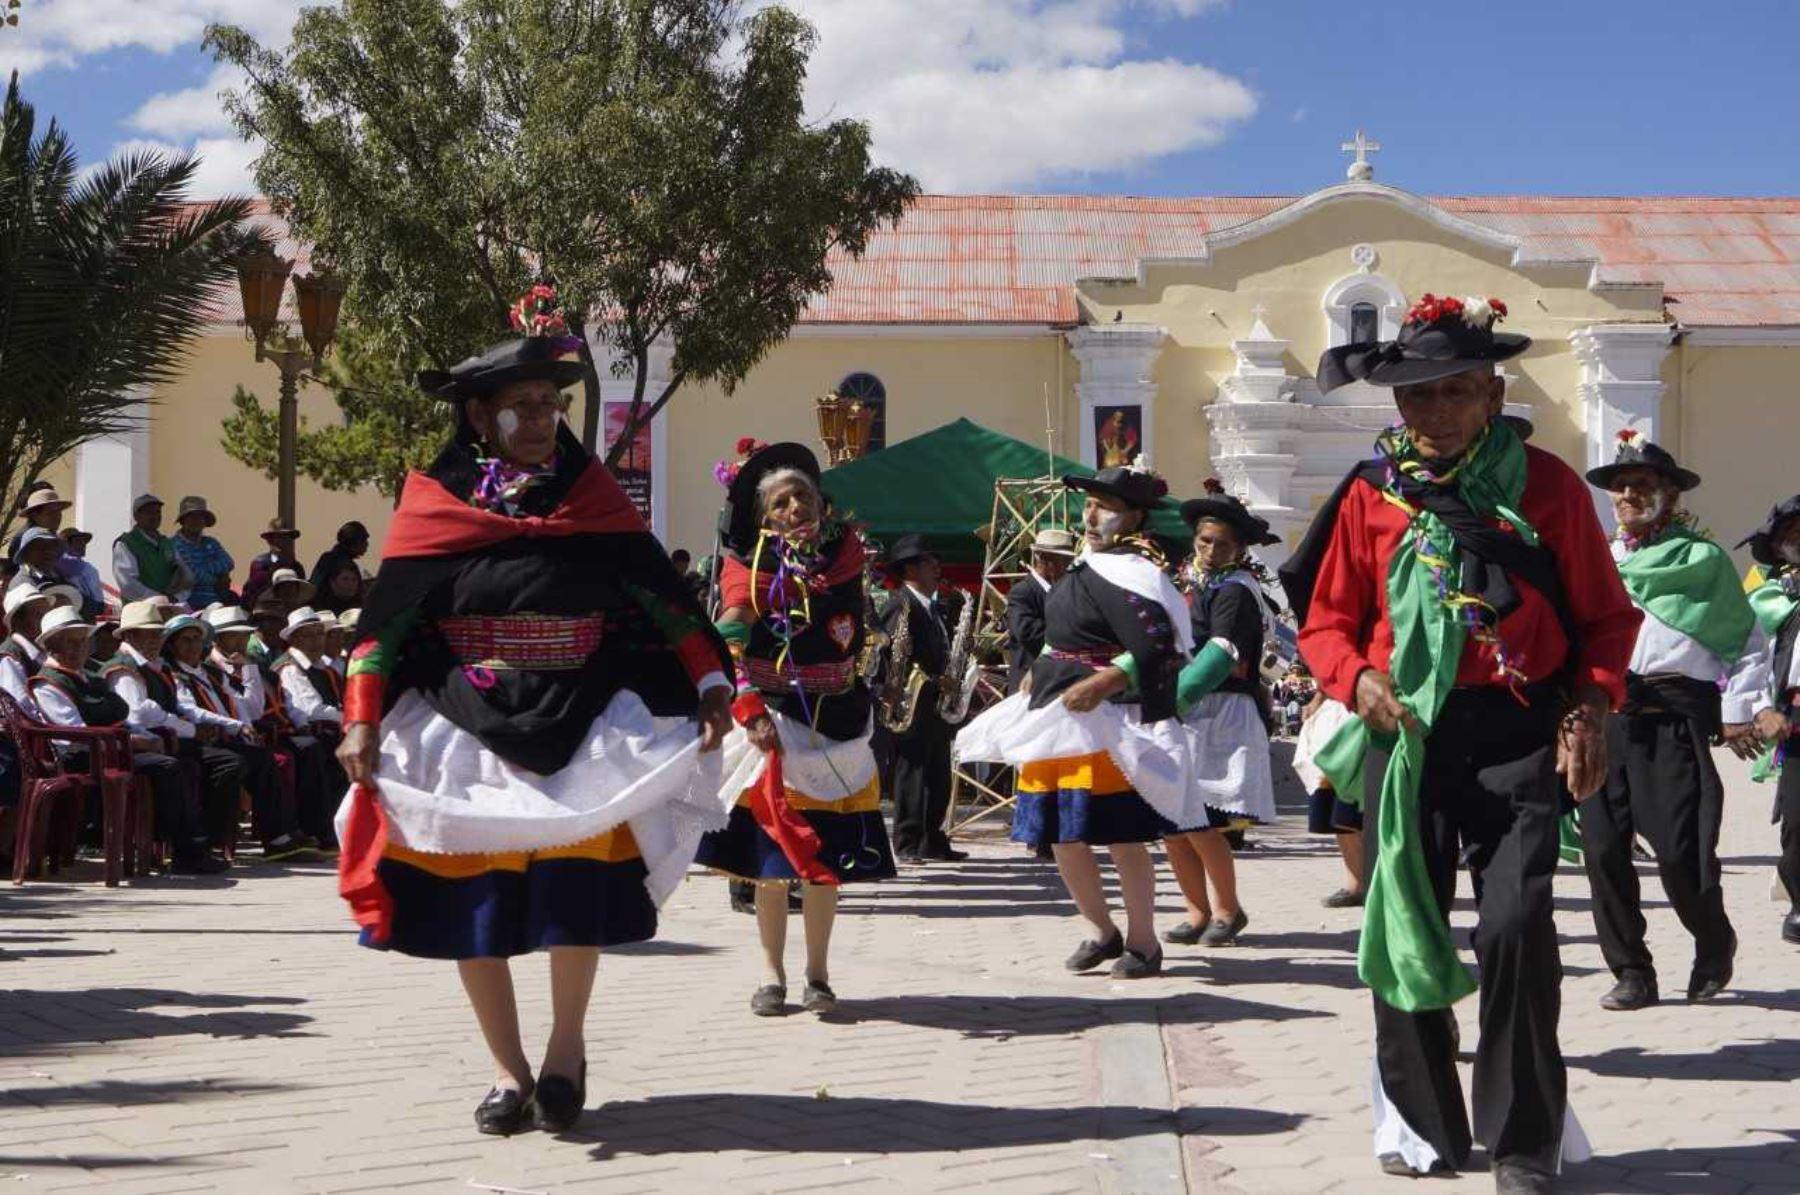 La gran diversidad de sus ancestrales danzas y tradiciones, entre ellas el huaylas y los carnavales, fue presentada por alrededor de 150 adultos mayores del Programa Nacional de Asistencia Solidaria Pensión 65, durante el Primer Encuentro Regional de Saberes Productivos-Sicaya 2018, realizado en Huancayo, departamento de Junín.